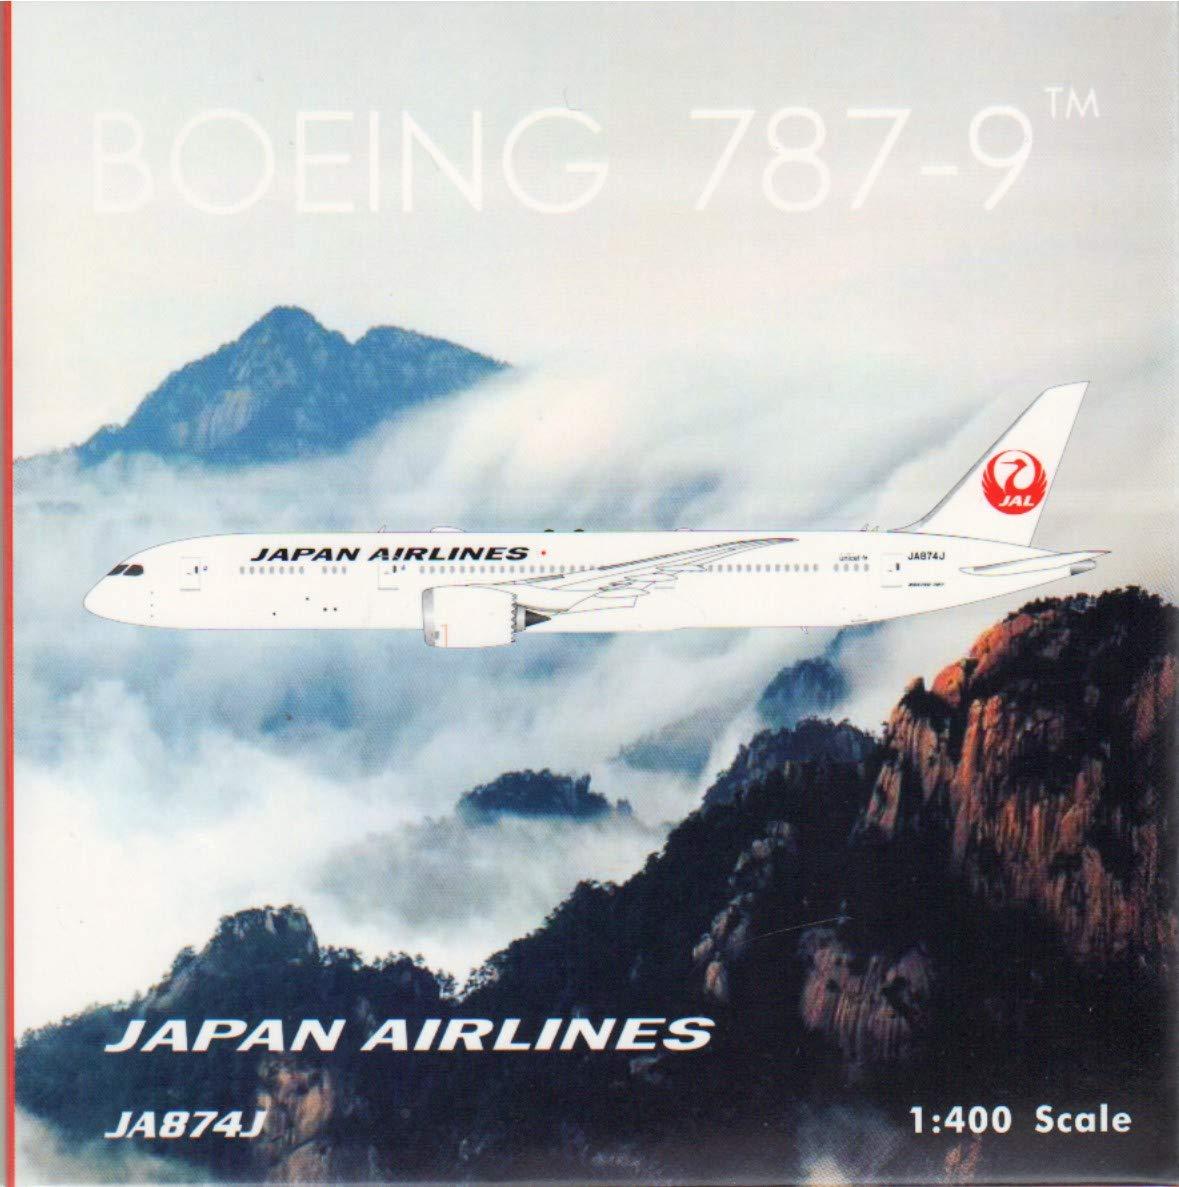 新しい到着 フェニックスモデル PHX04226 1:400 日本航空787-9 Reg #JA874J (塗装済み/組み立て済み) 日本航空787-9 Reg 1:400 B07KF127YB, 稲田布帛:7cdad73b --- wap.milksoft.com.br